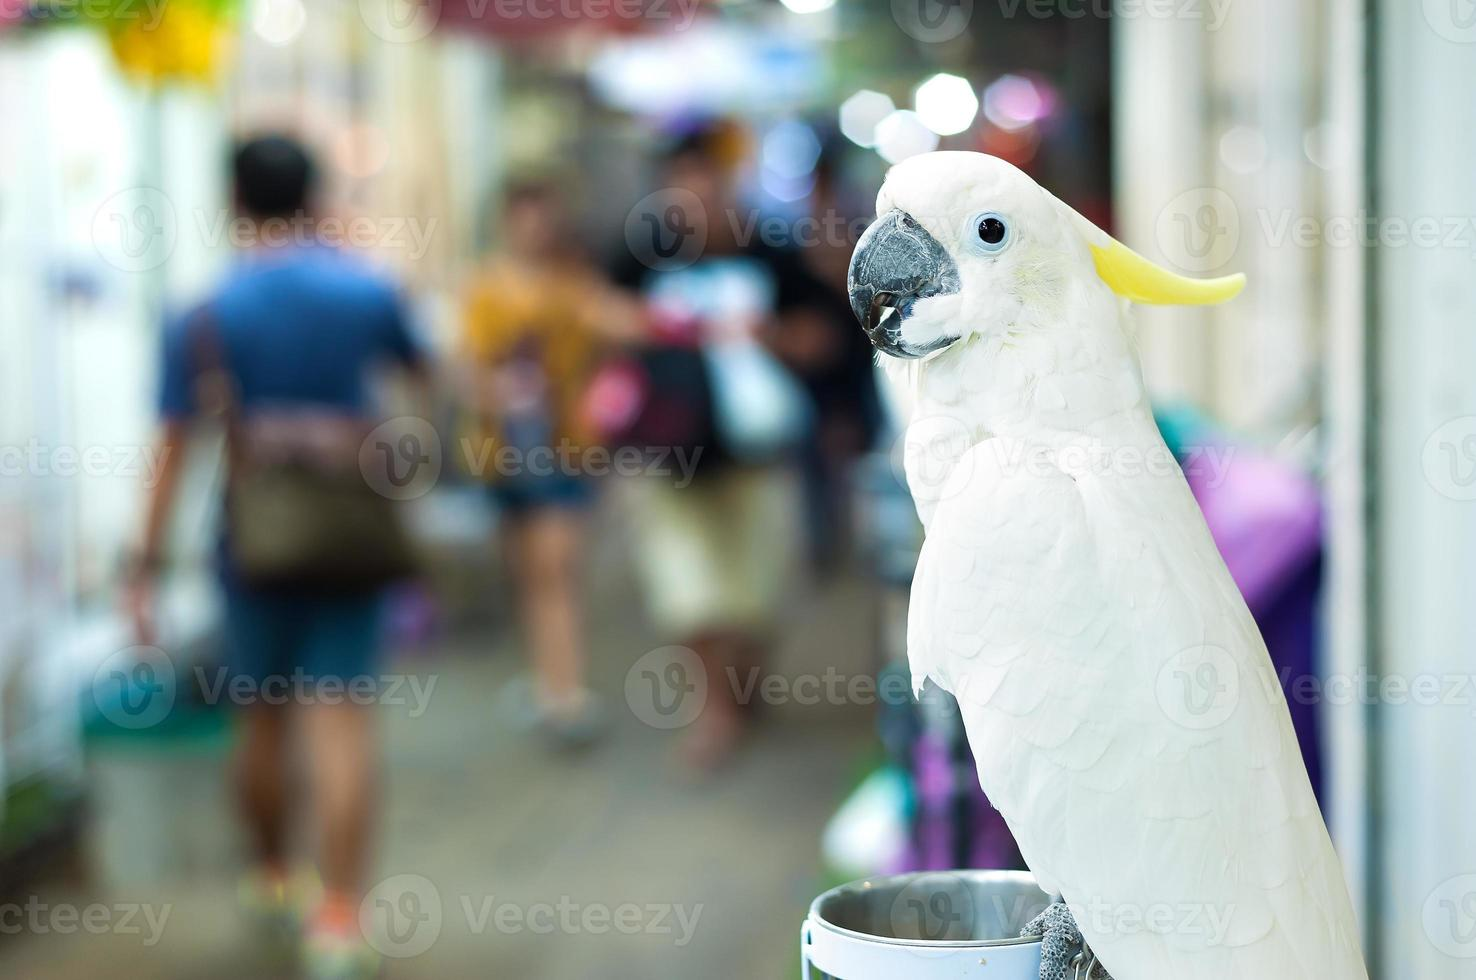 Cacatúa blanca perchando en el mercado Chatuchak, Bangkok, Tailandia foto